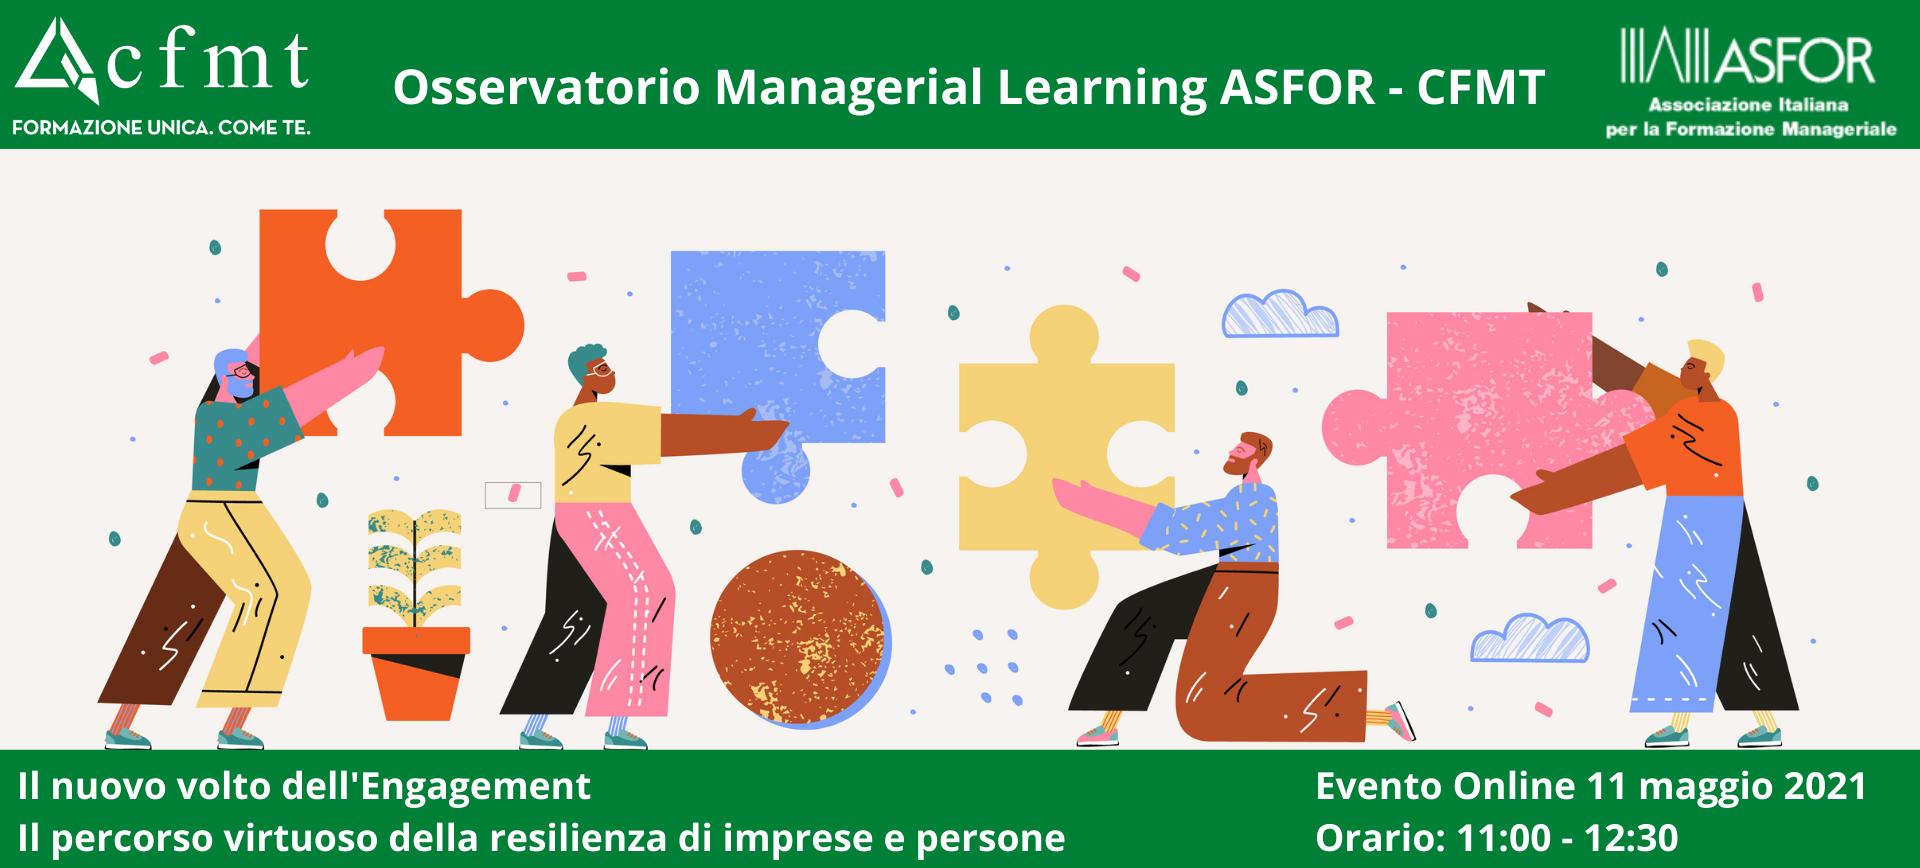 """Evento online """" Il nuovo volto dell'Engagement"""" - Presentazione ricerca dell'Osservatorio Managerial Learning ASFOR-CFMT - evento online - piattaforma CFMT - 11 maggio 2021 - orario: 11:00 - 12:30"""